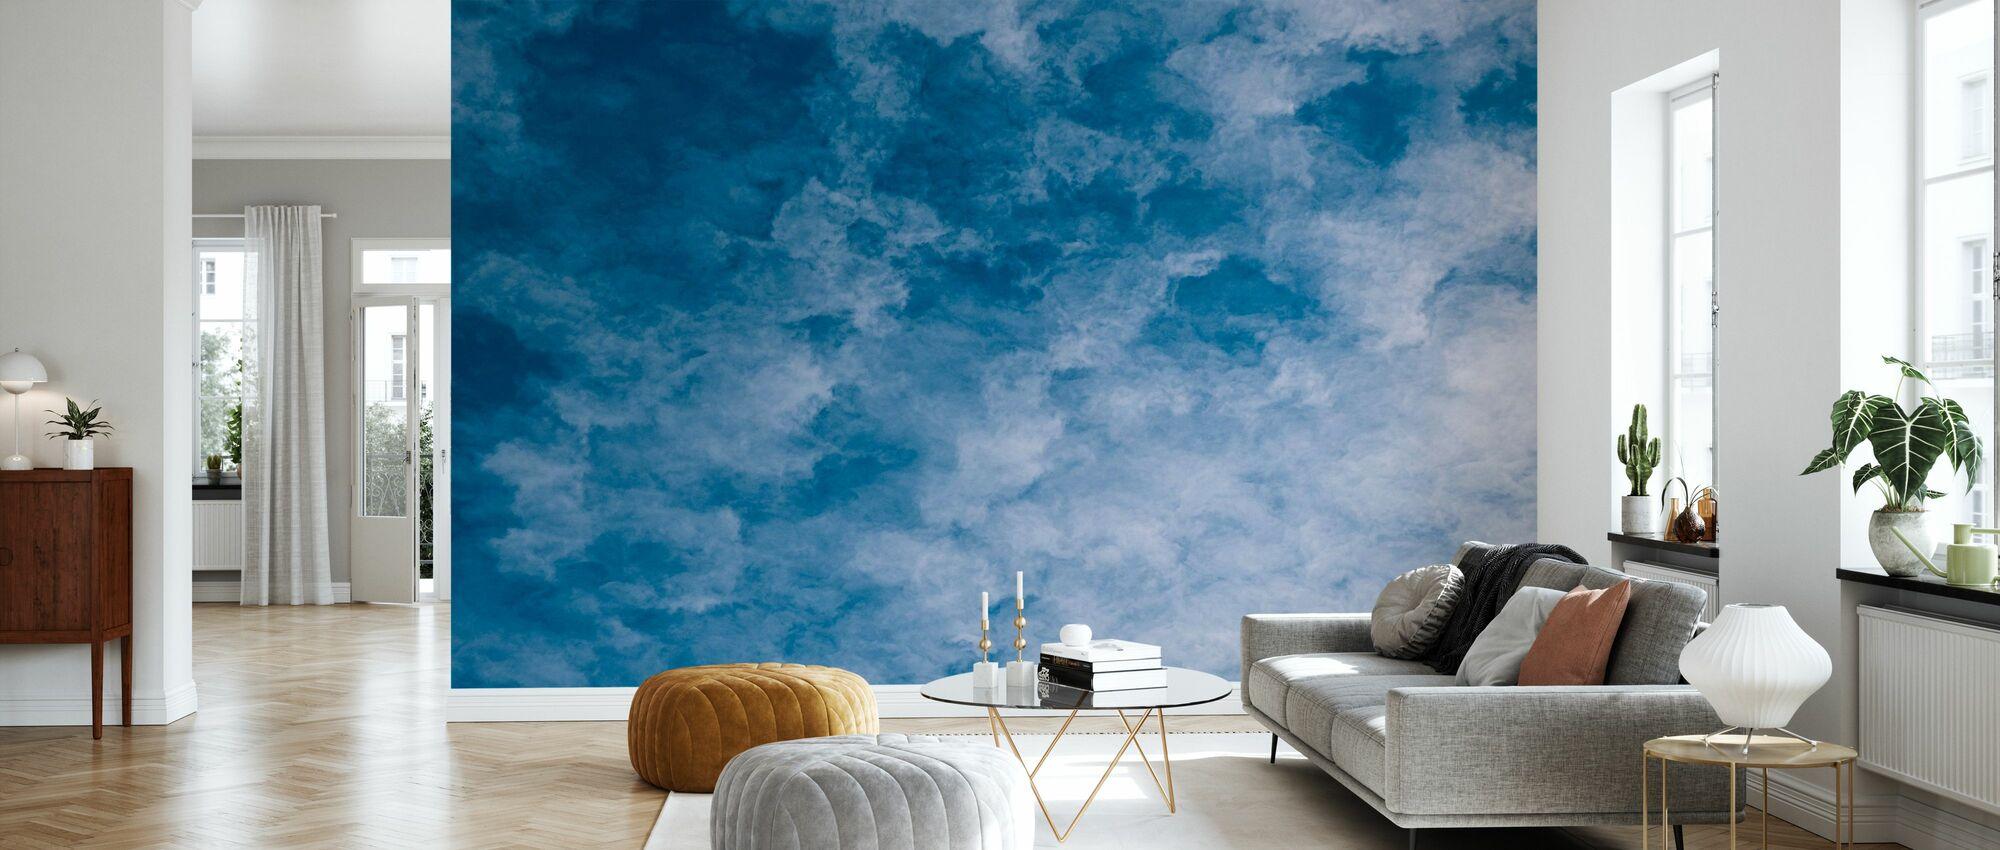 Feels Like Summer - Wallpaper - Living Room